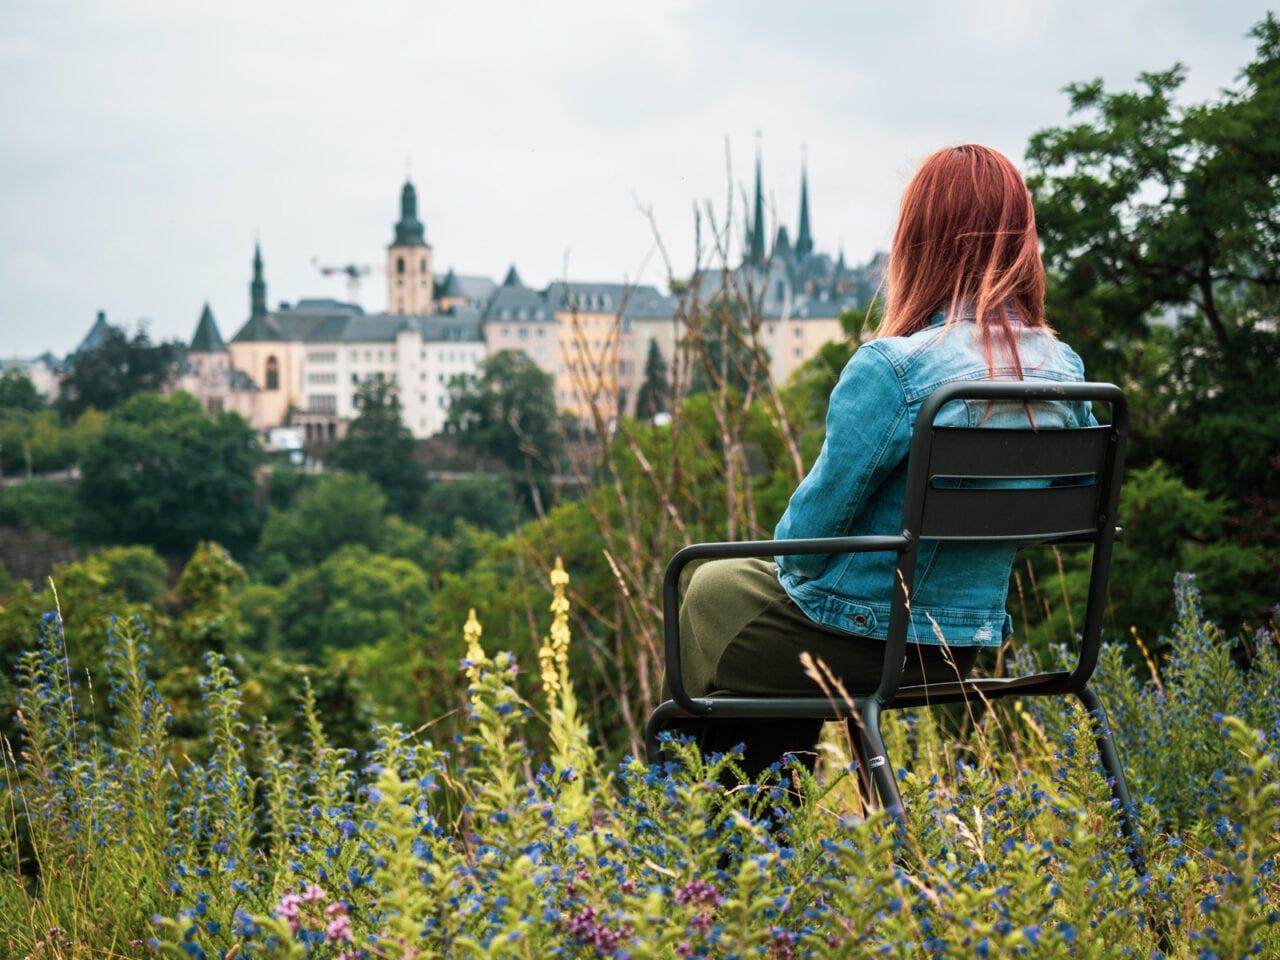 stolica Luksemburga widok